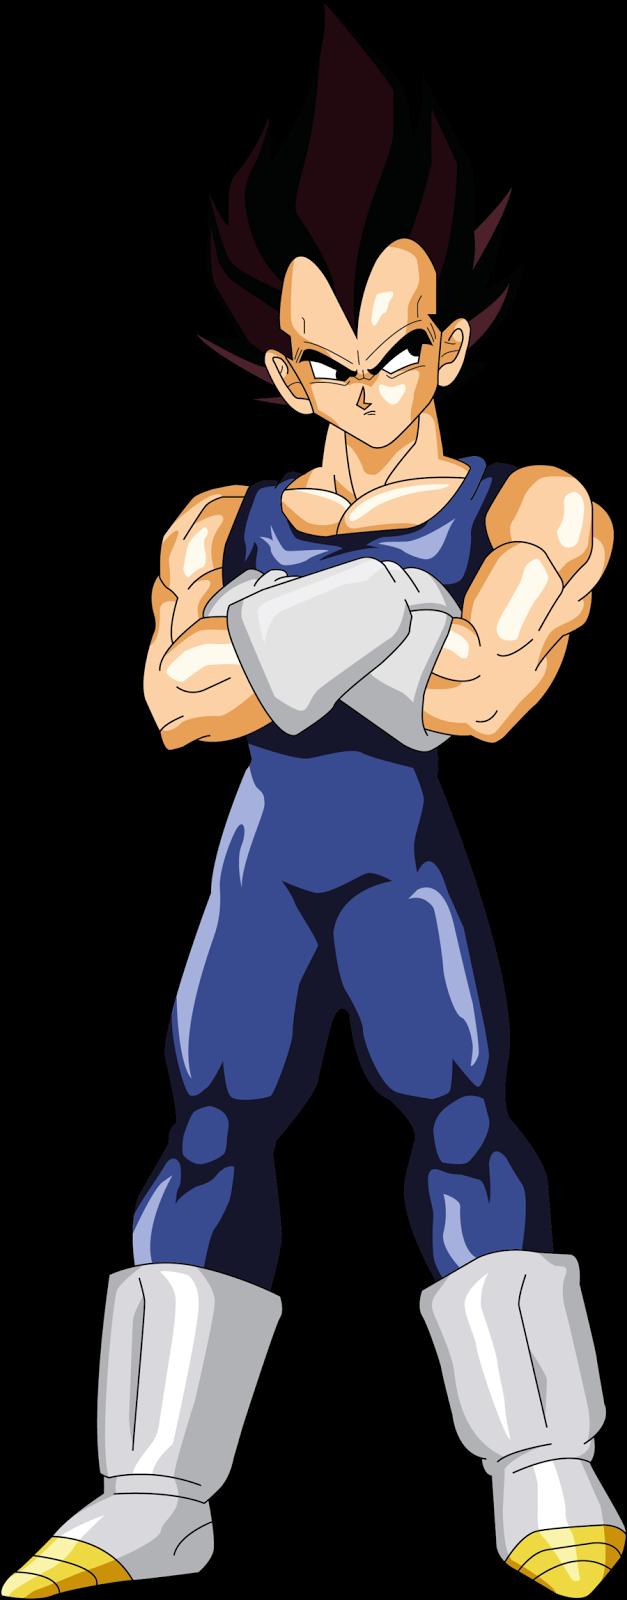 Kumpulan Gambar Pemain Dragon Ball Z Lengkap Foto Gambar Terbaru